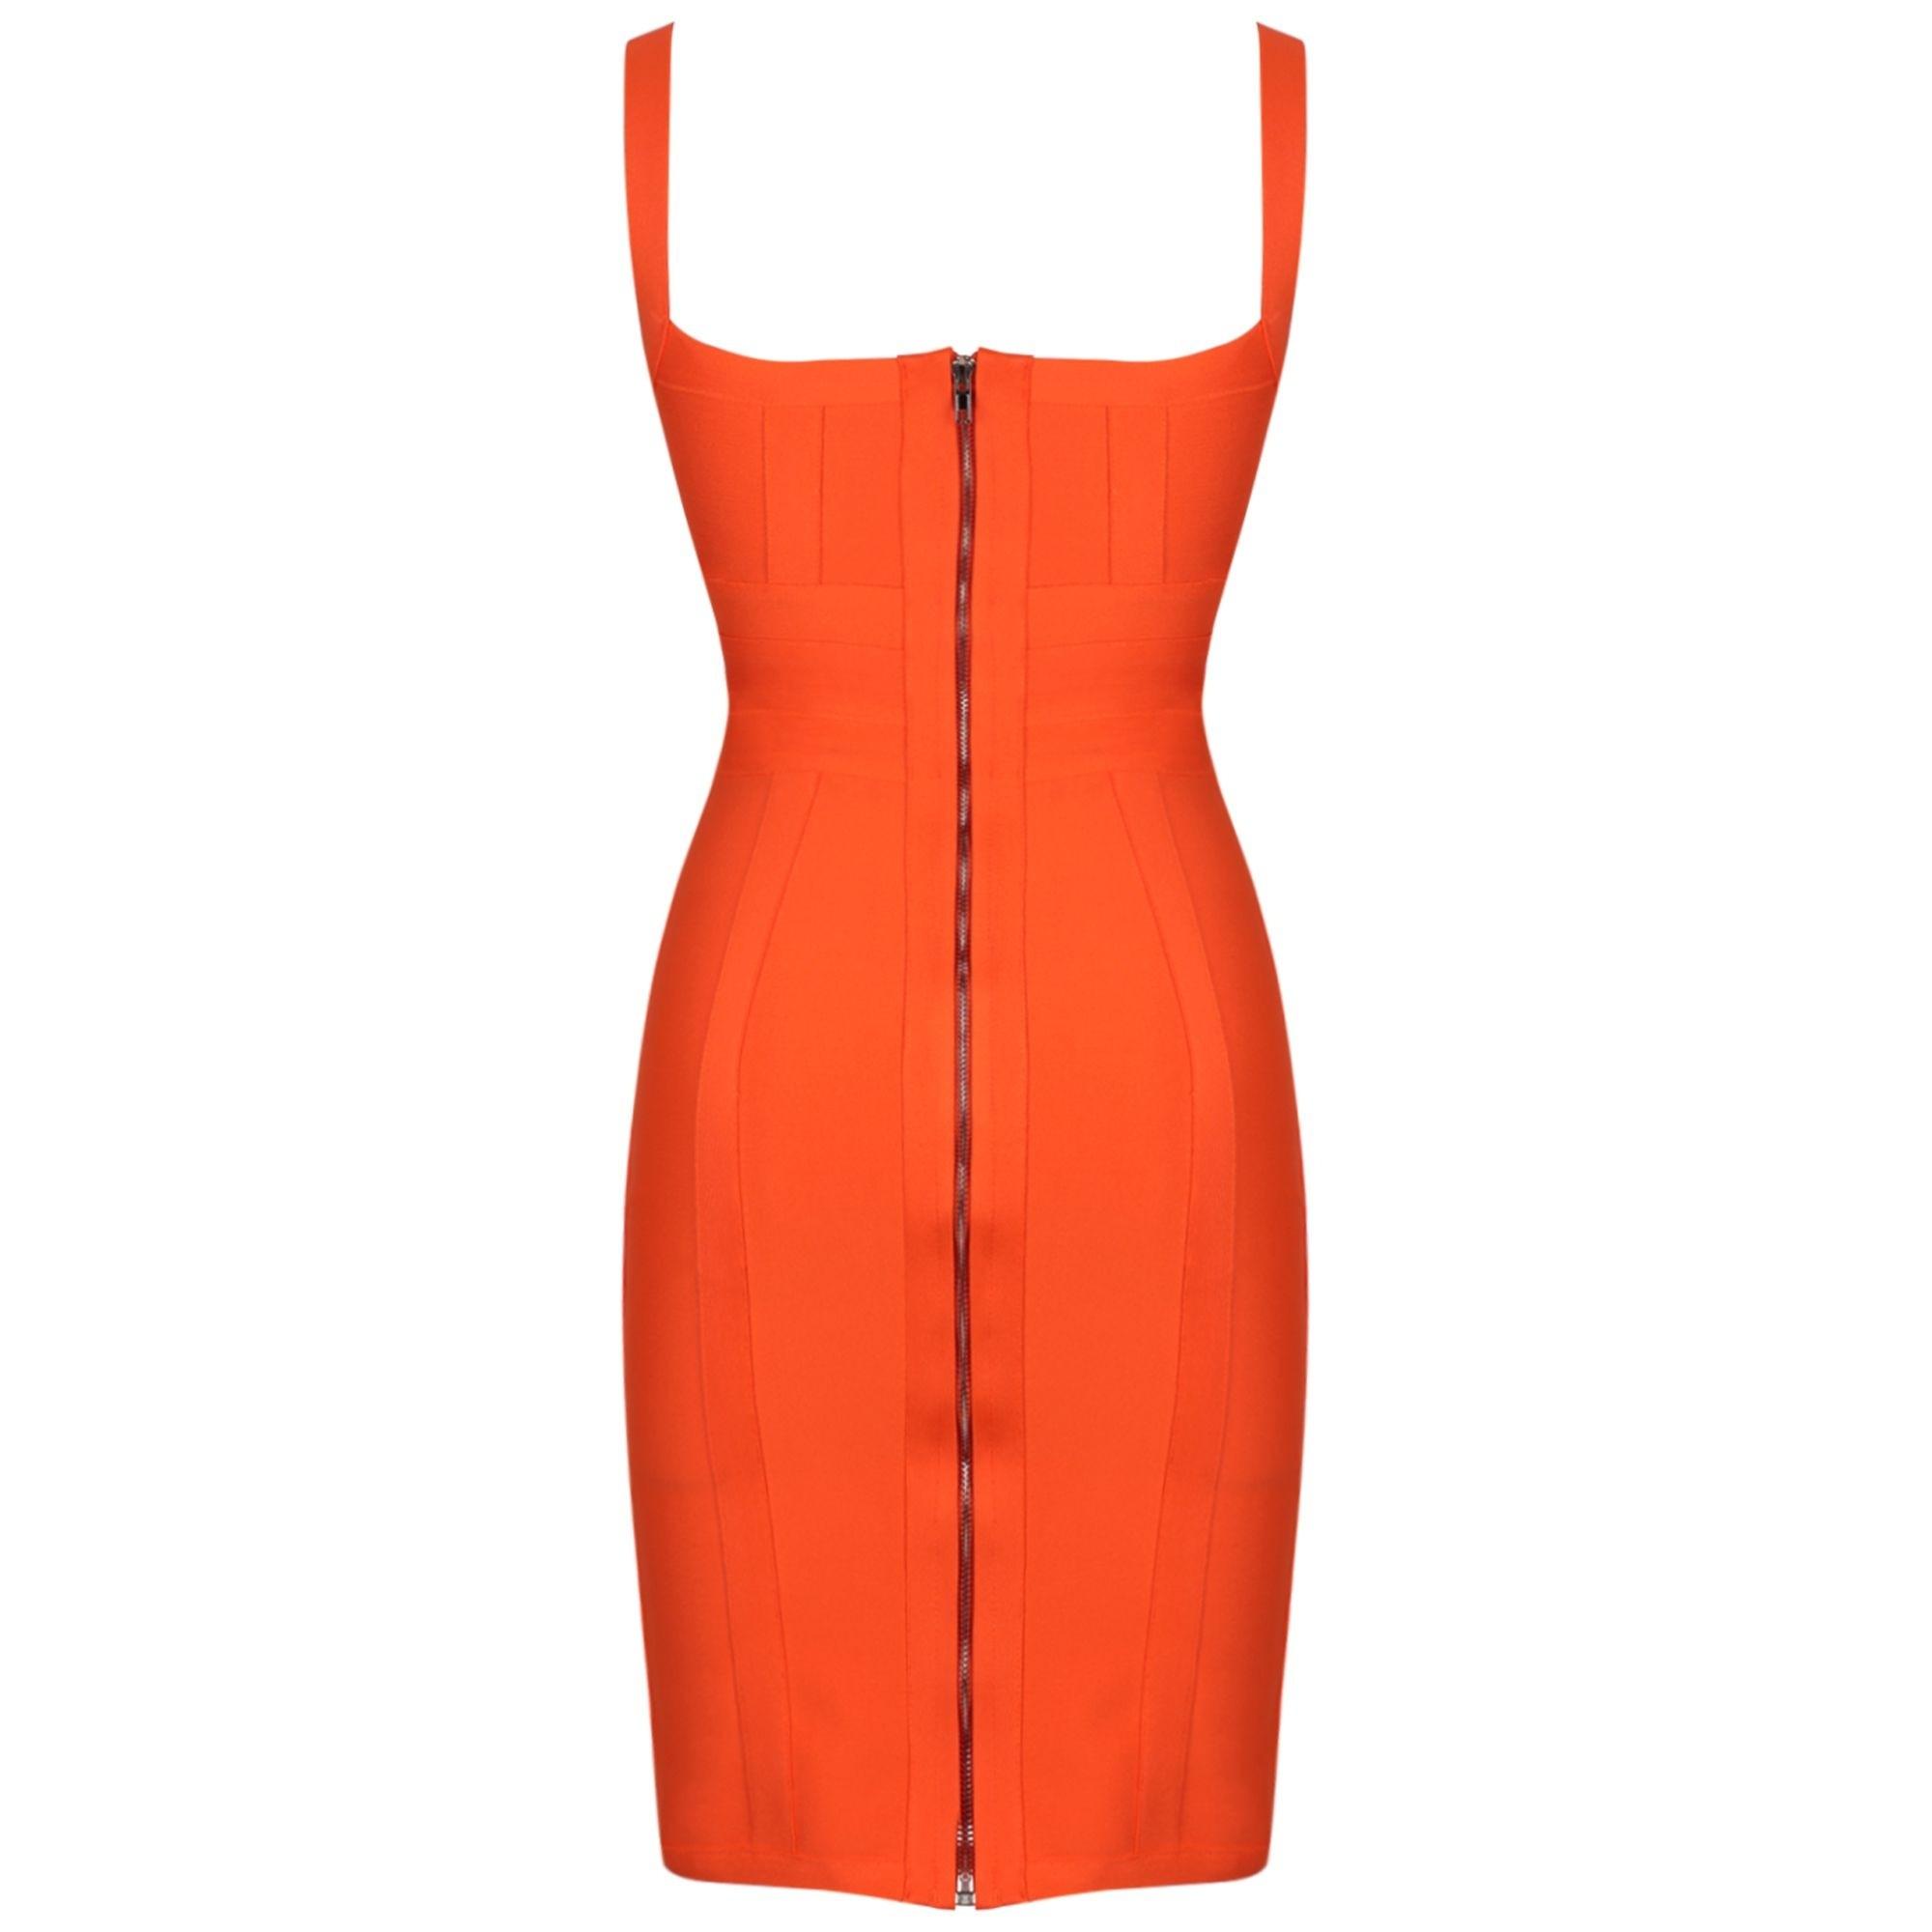 Orange Striped Over Knee Sleeveless Strapy Bandage Dress PP19055-Orange